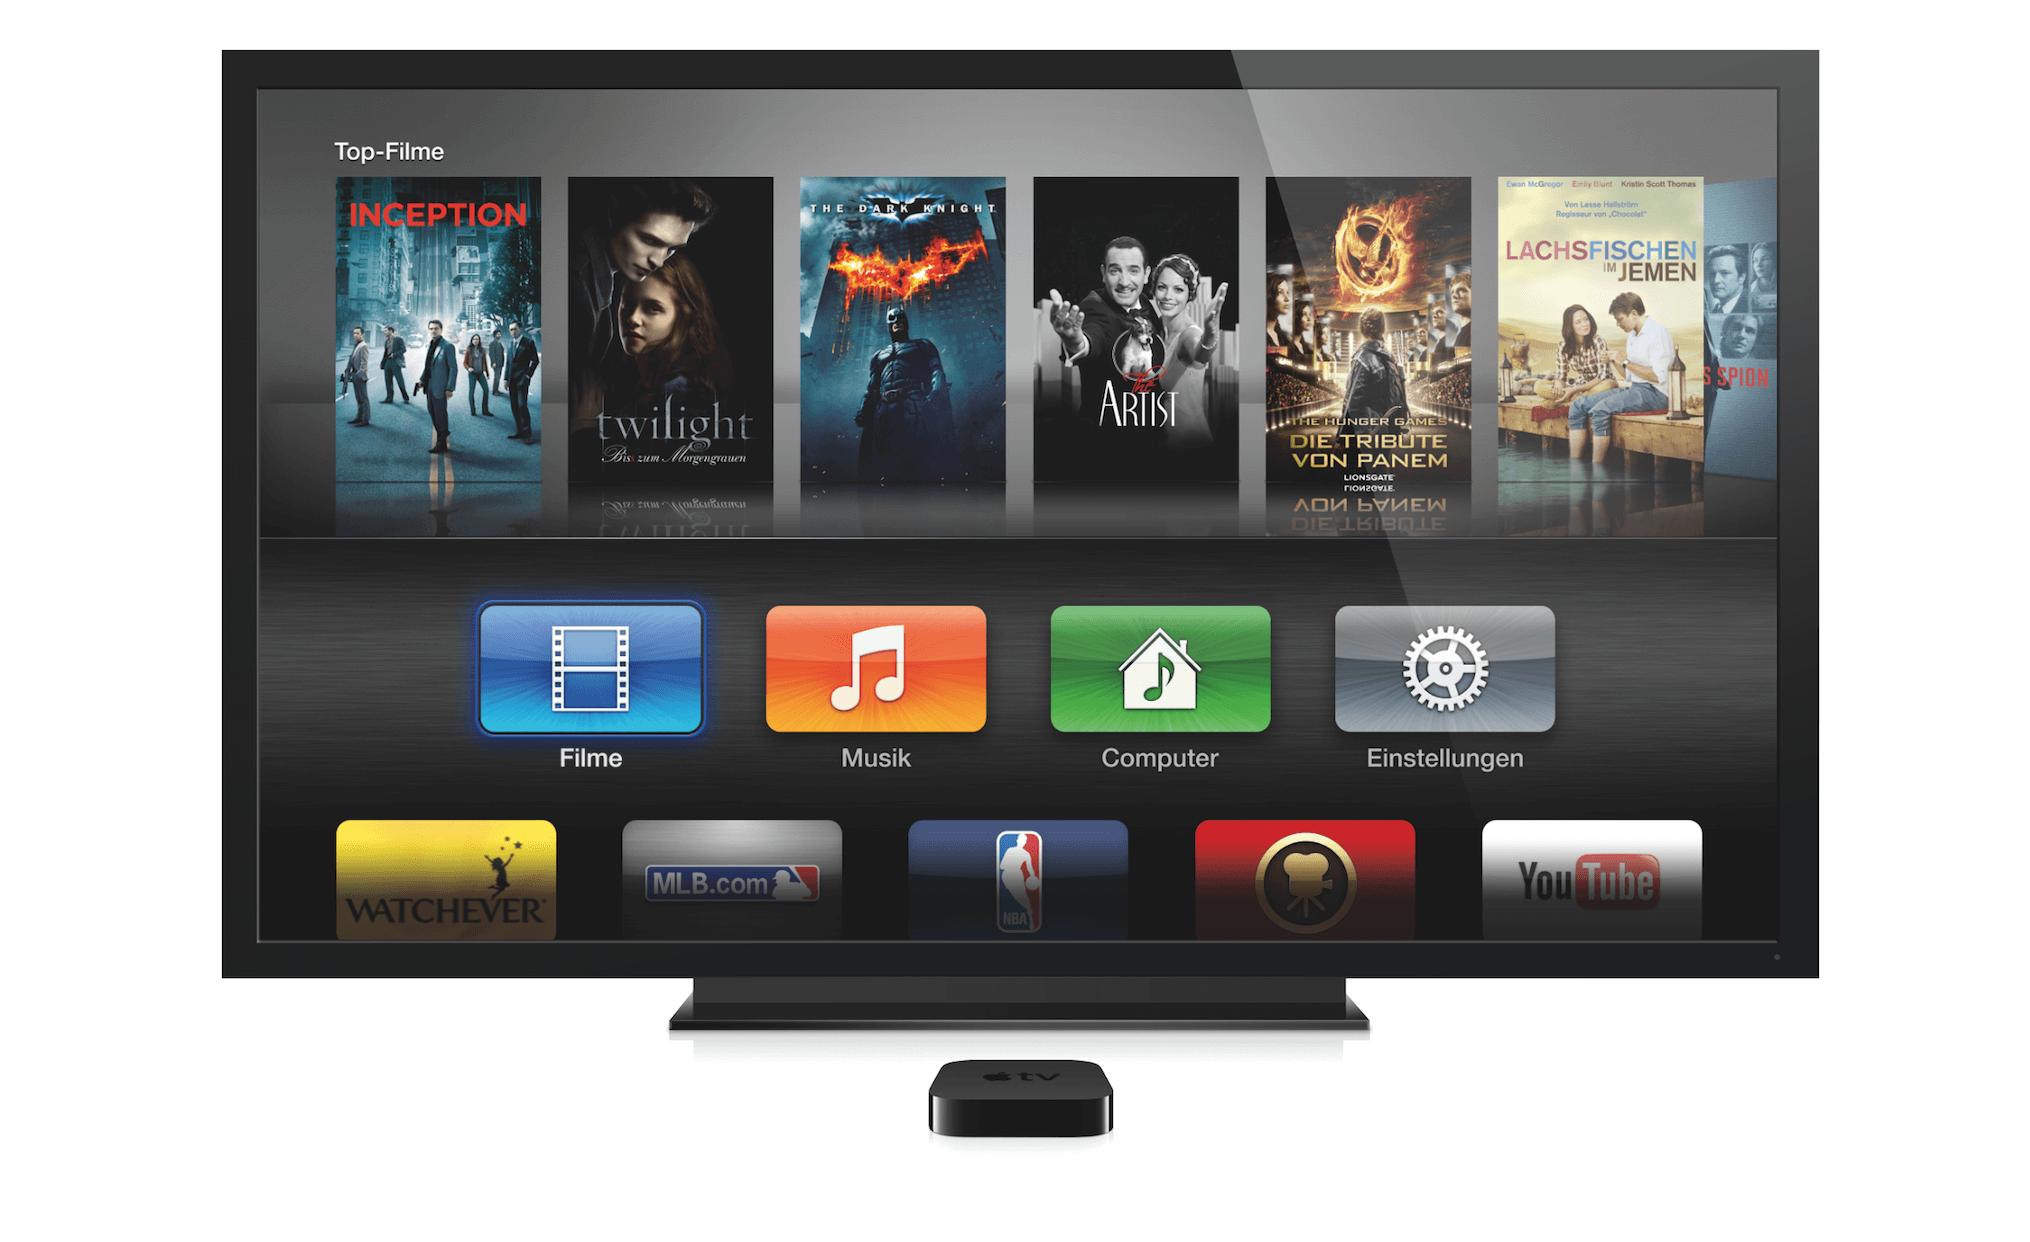 Apple TV in der alten Optik